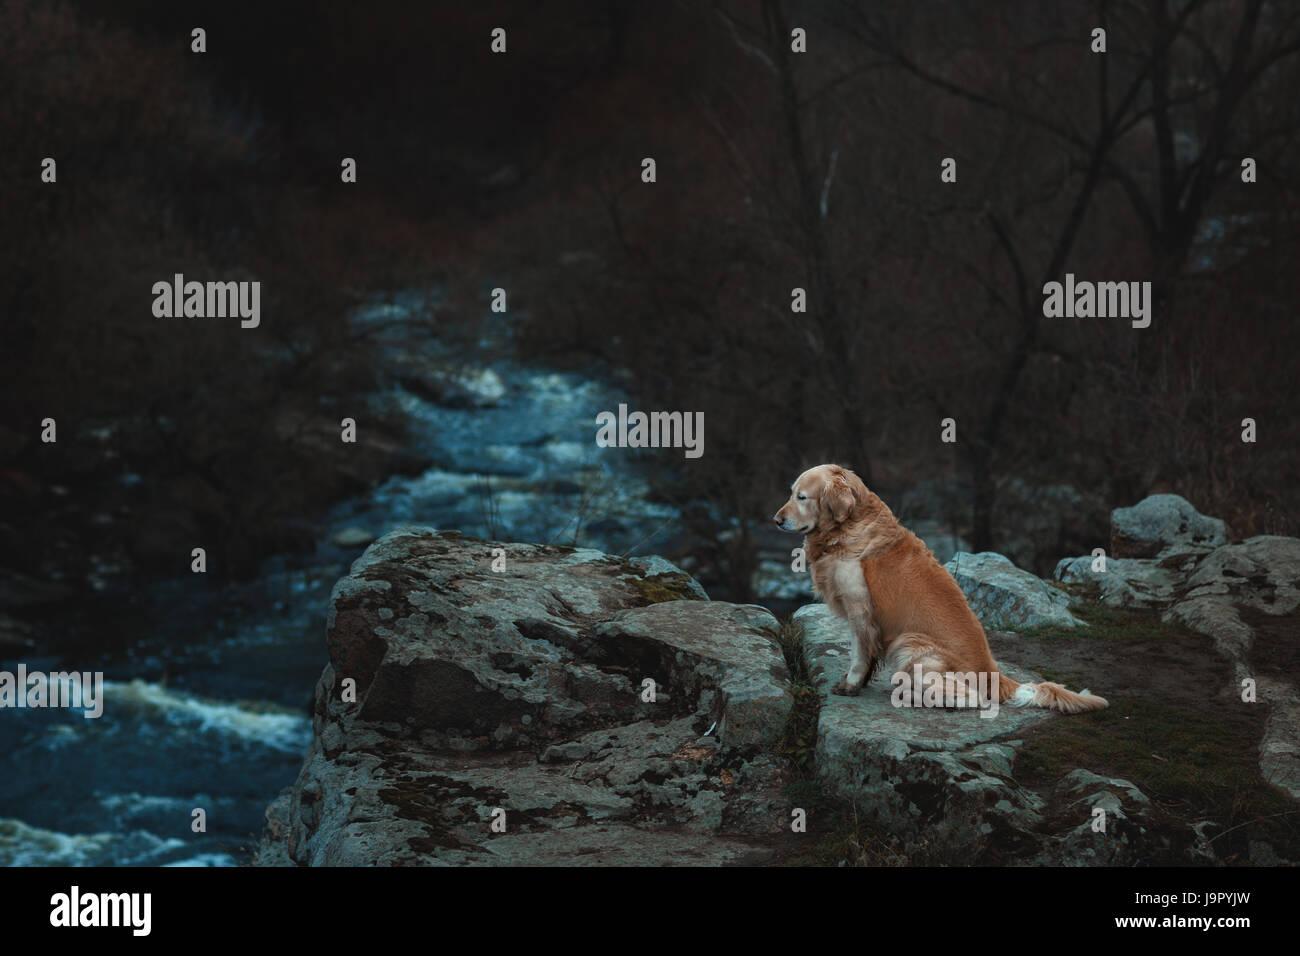 Trauriger Hund sitzt am Rande des Abgrunds. Am unteren Ende der Schlucht fließt der Fluss. Stockbild